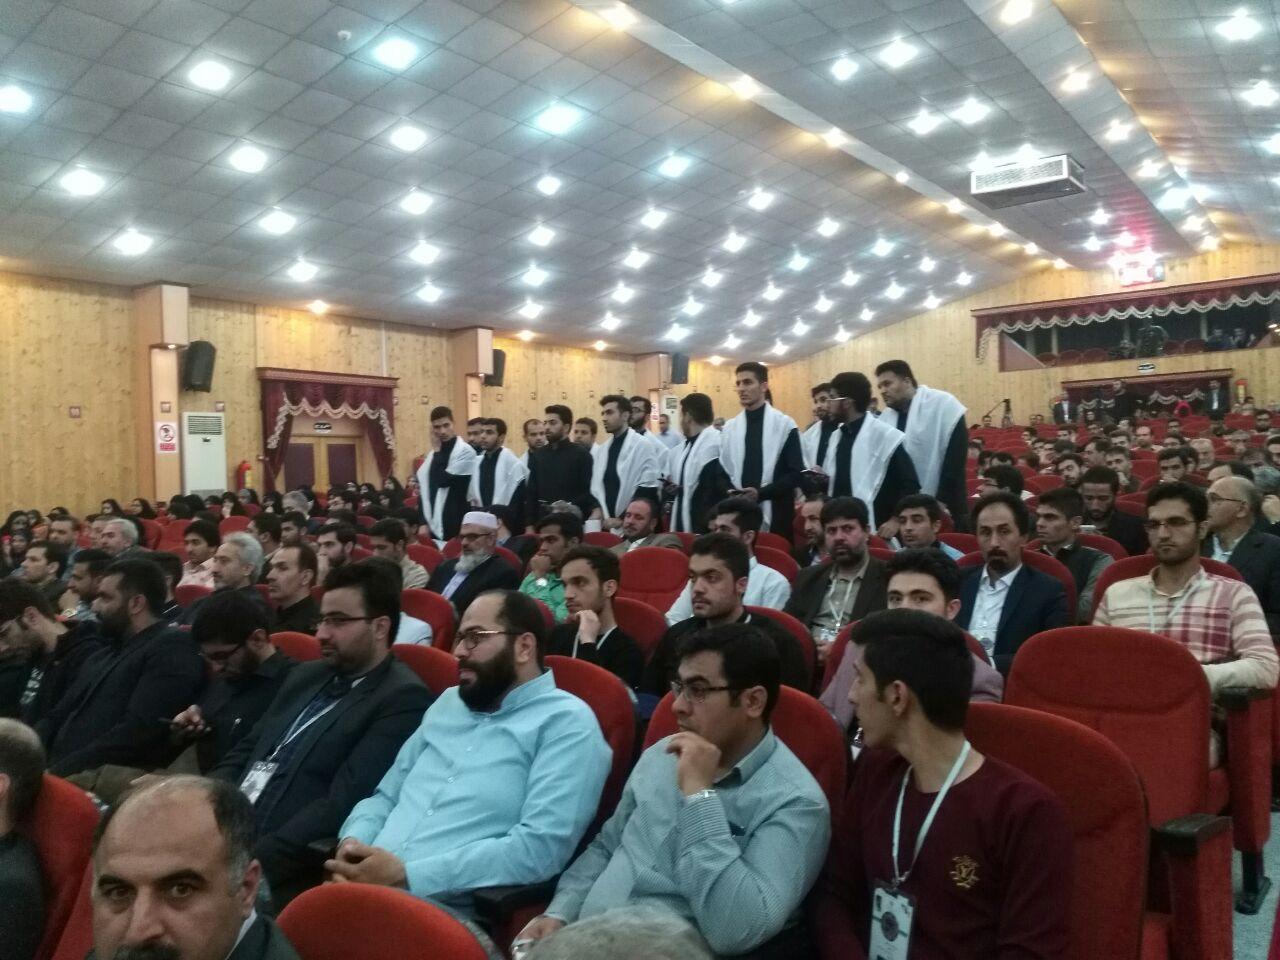 گیلان-جشنواره قران و عترت+ دانشگاه علوم پزشکی کشور